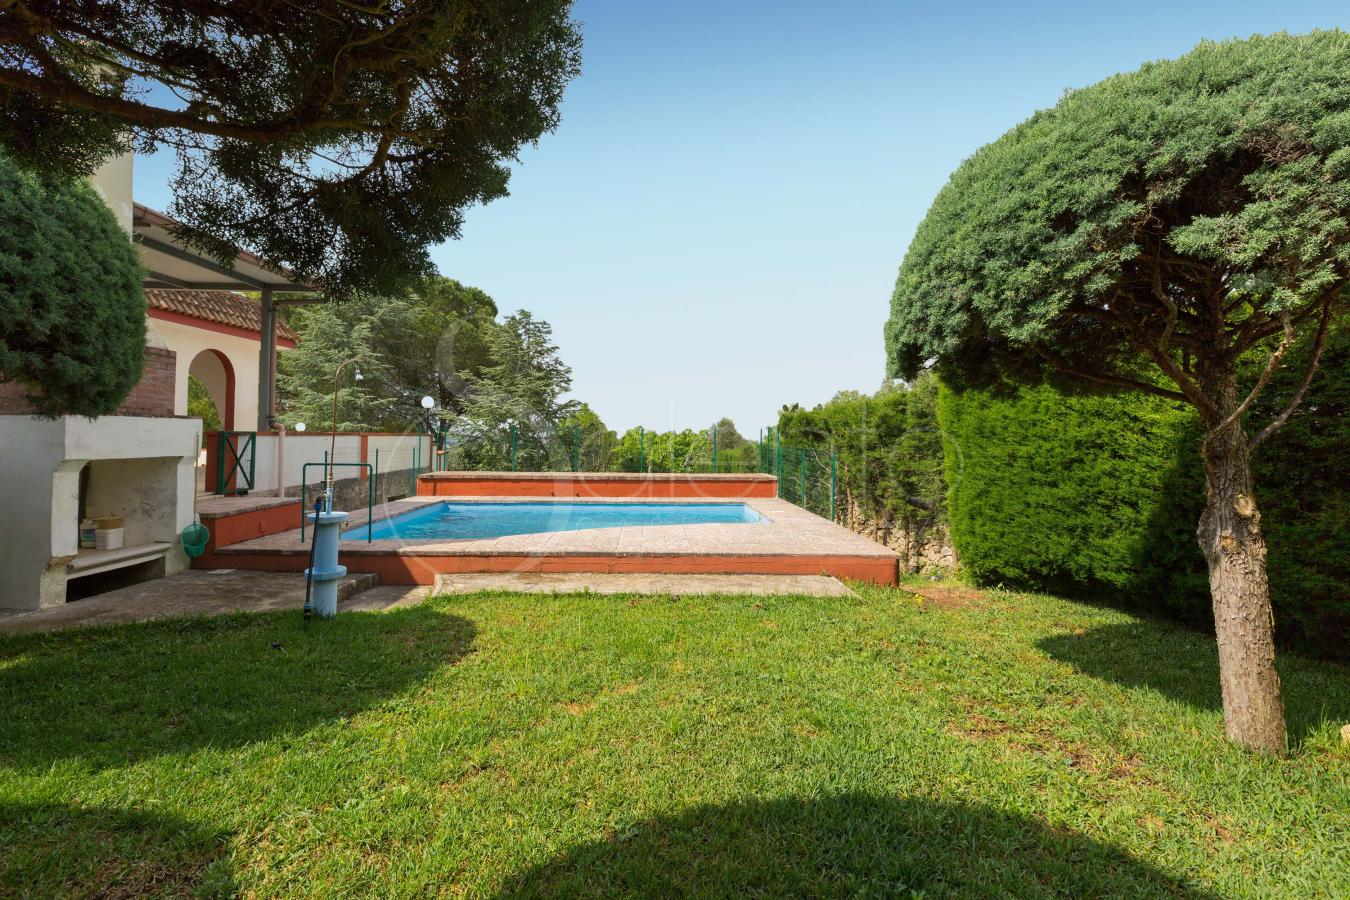 Villa con piscina in affitto a taurisano villa maru - Casa vacanza con piscina ad uso esclusivo ...